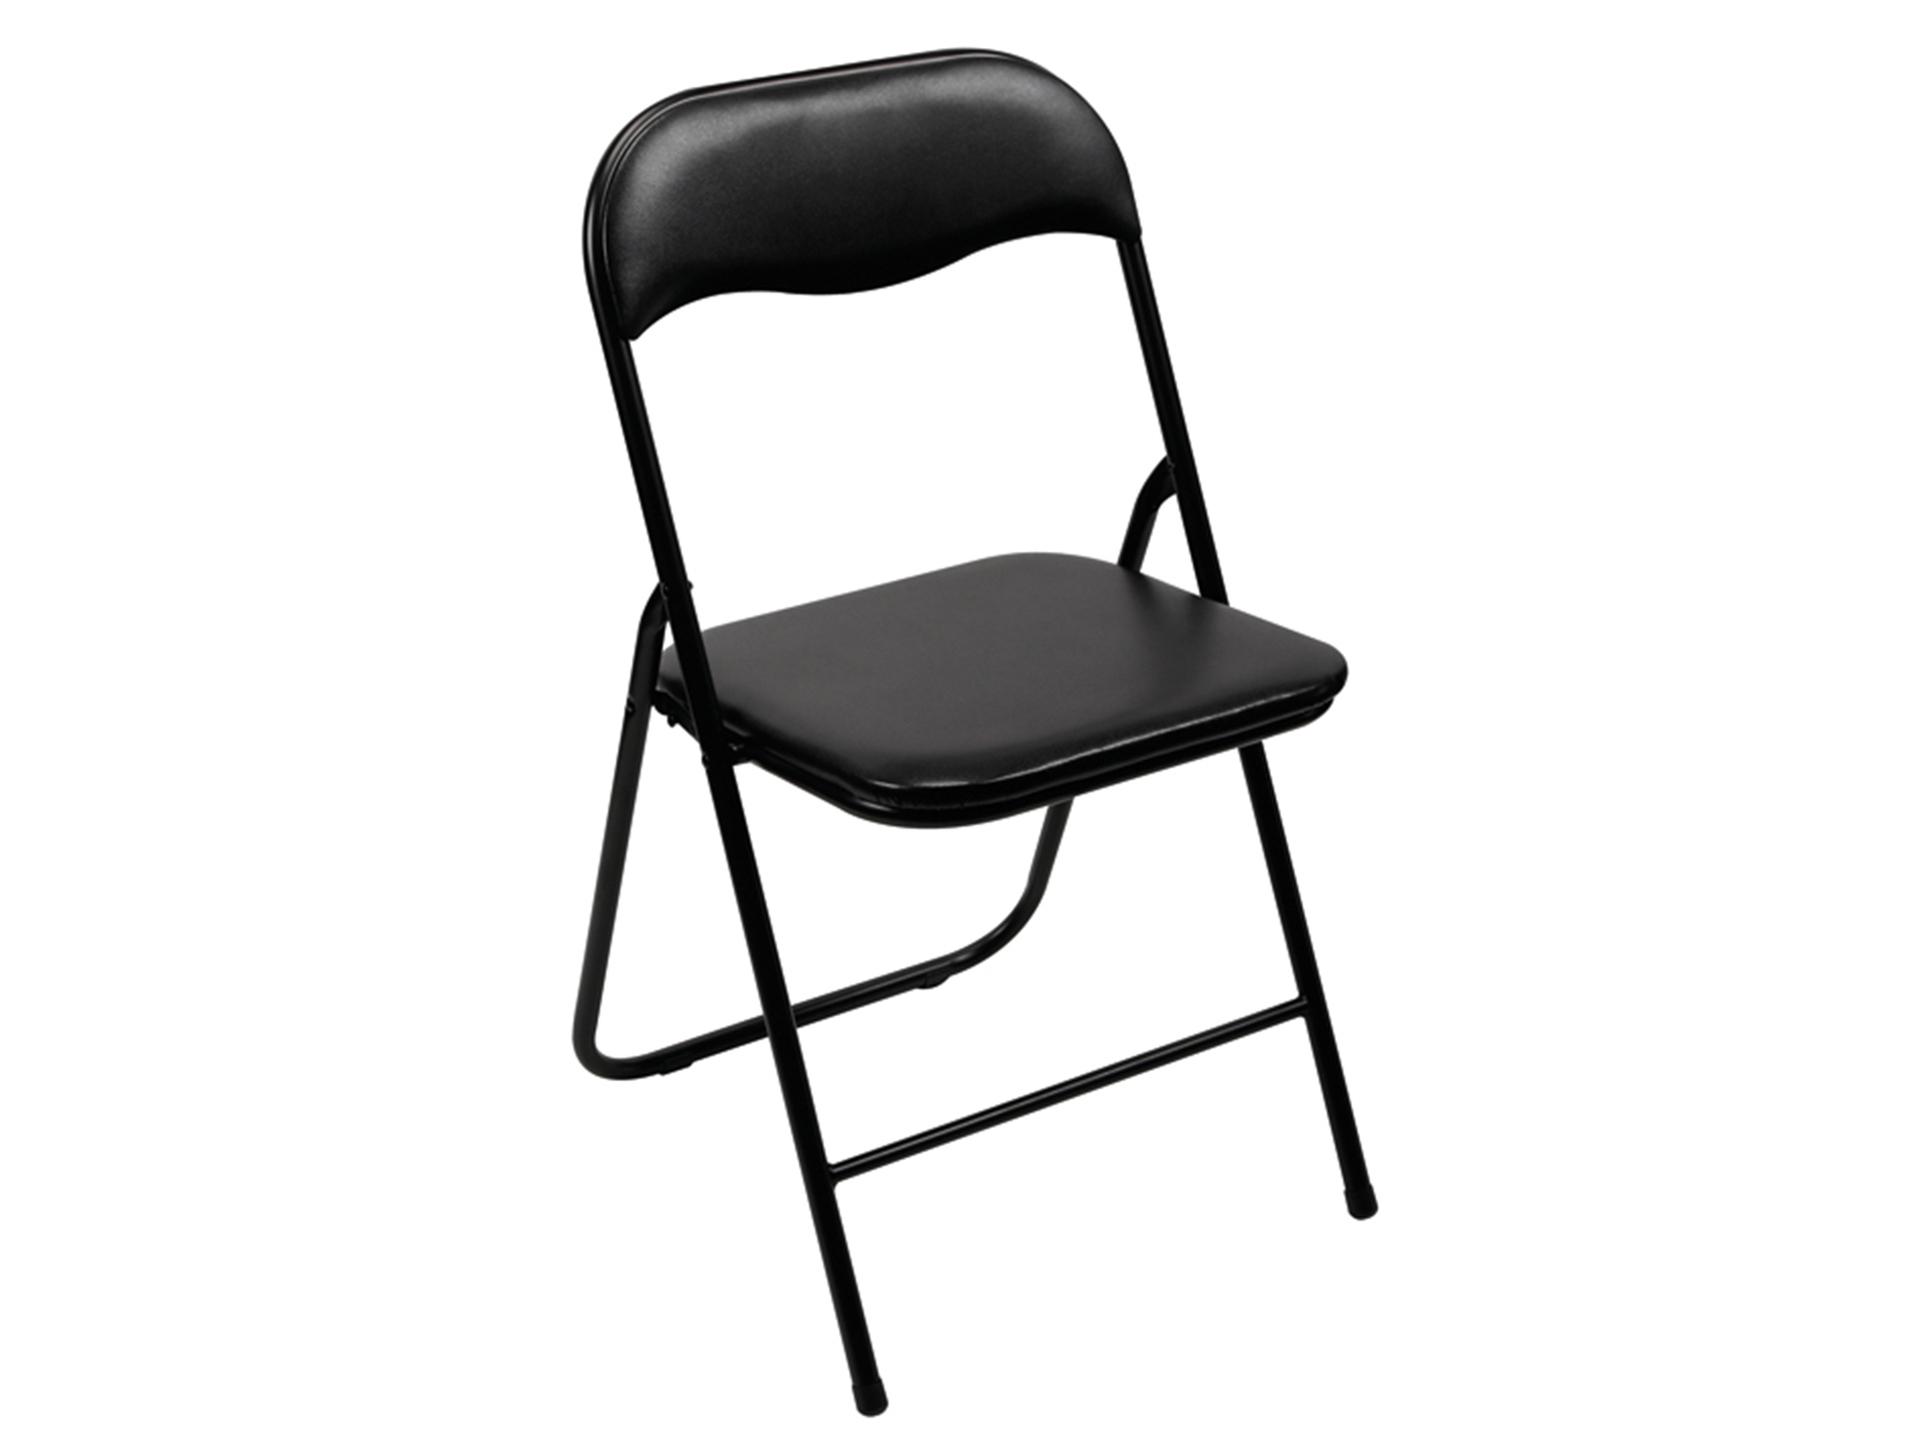 Vouwstoelen Te Koop.Toolland Vouwstoel Zwart Hubo